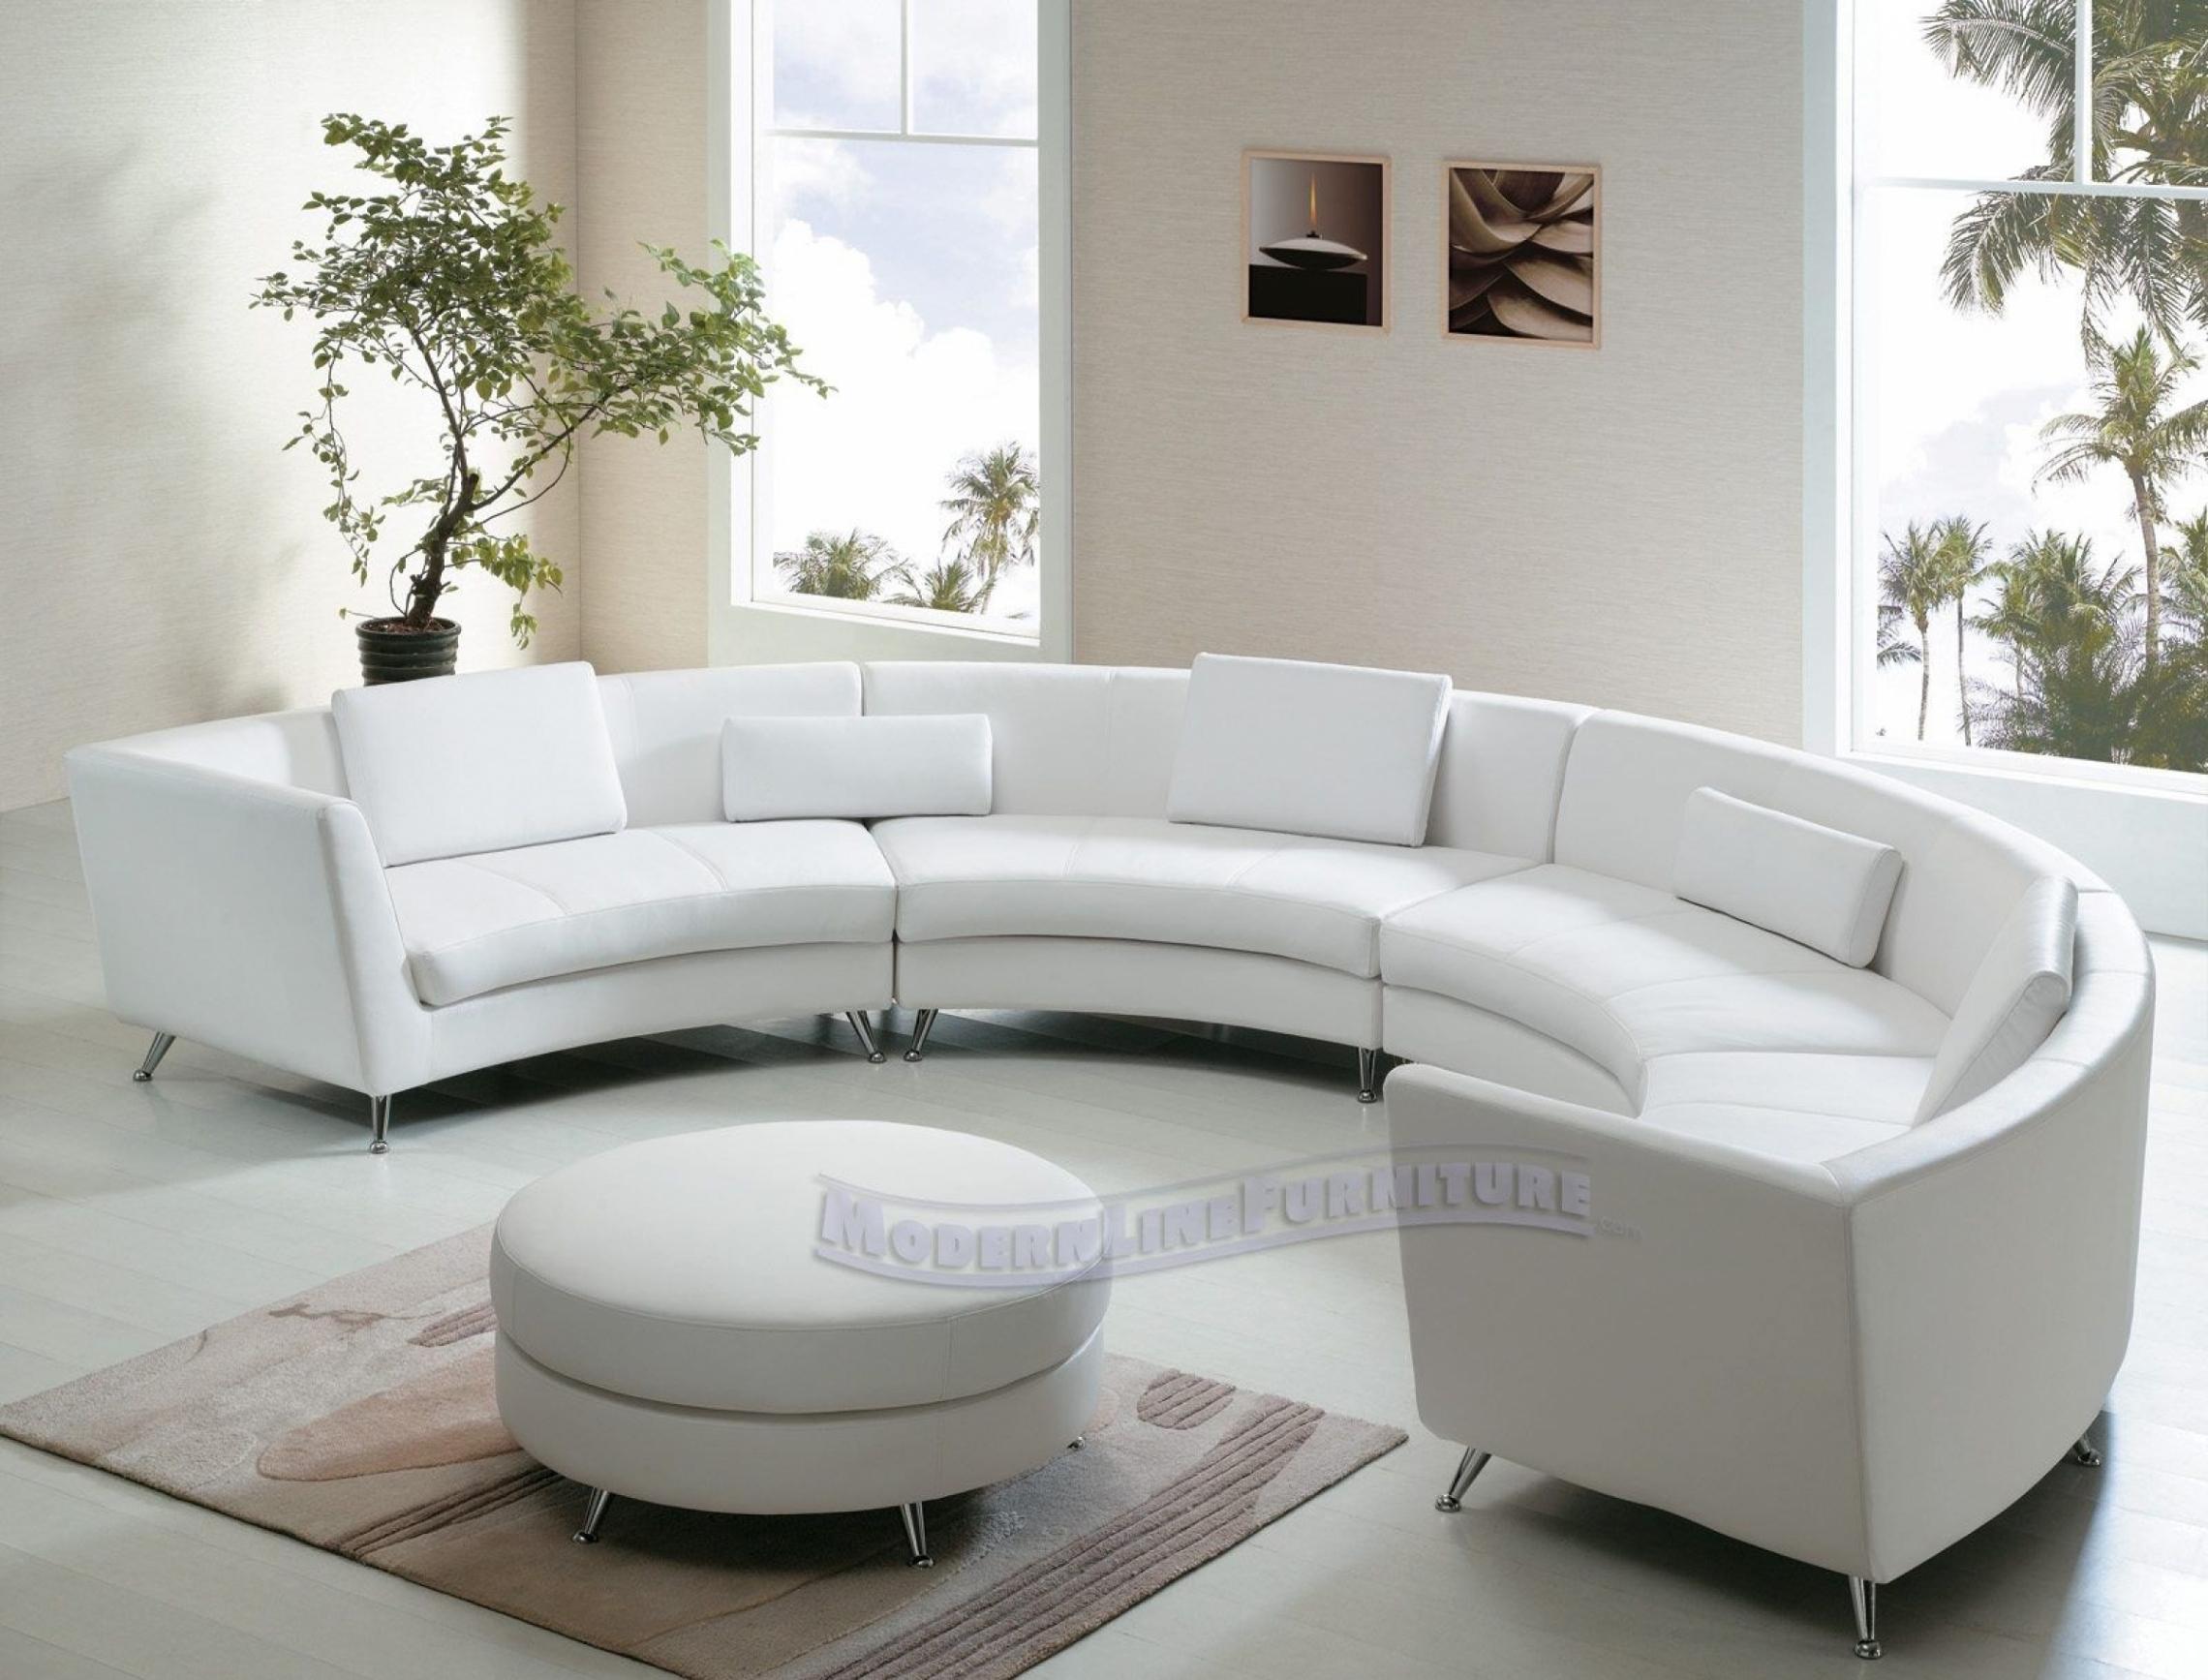 Amazing Round Leather Sofa